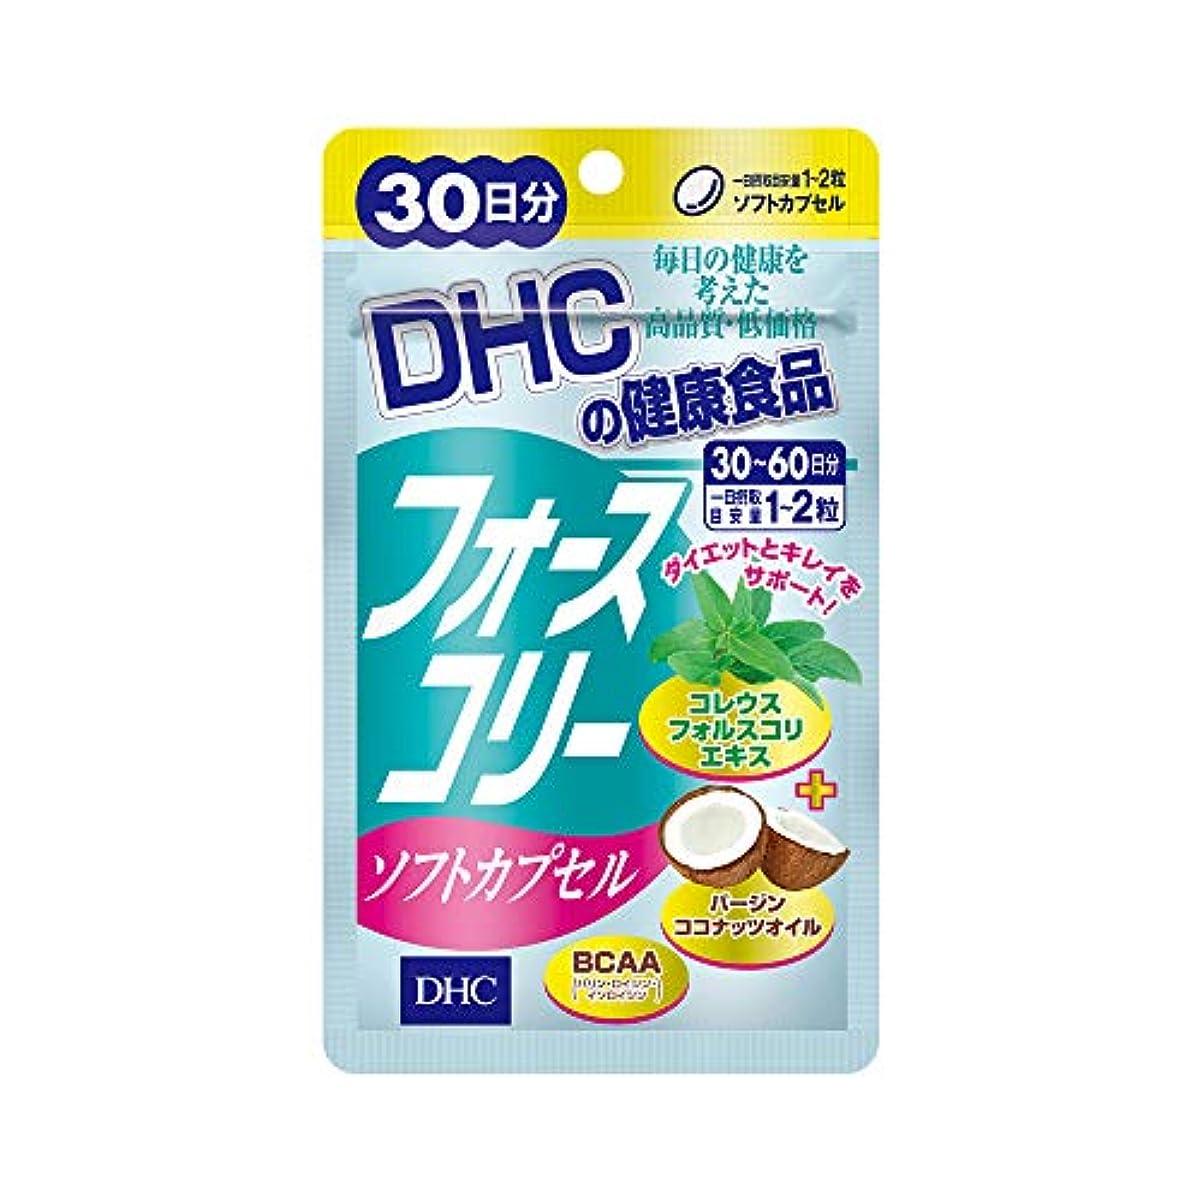 骨髄足音養うDHC フォースコリー ソフトカプセル 30日分